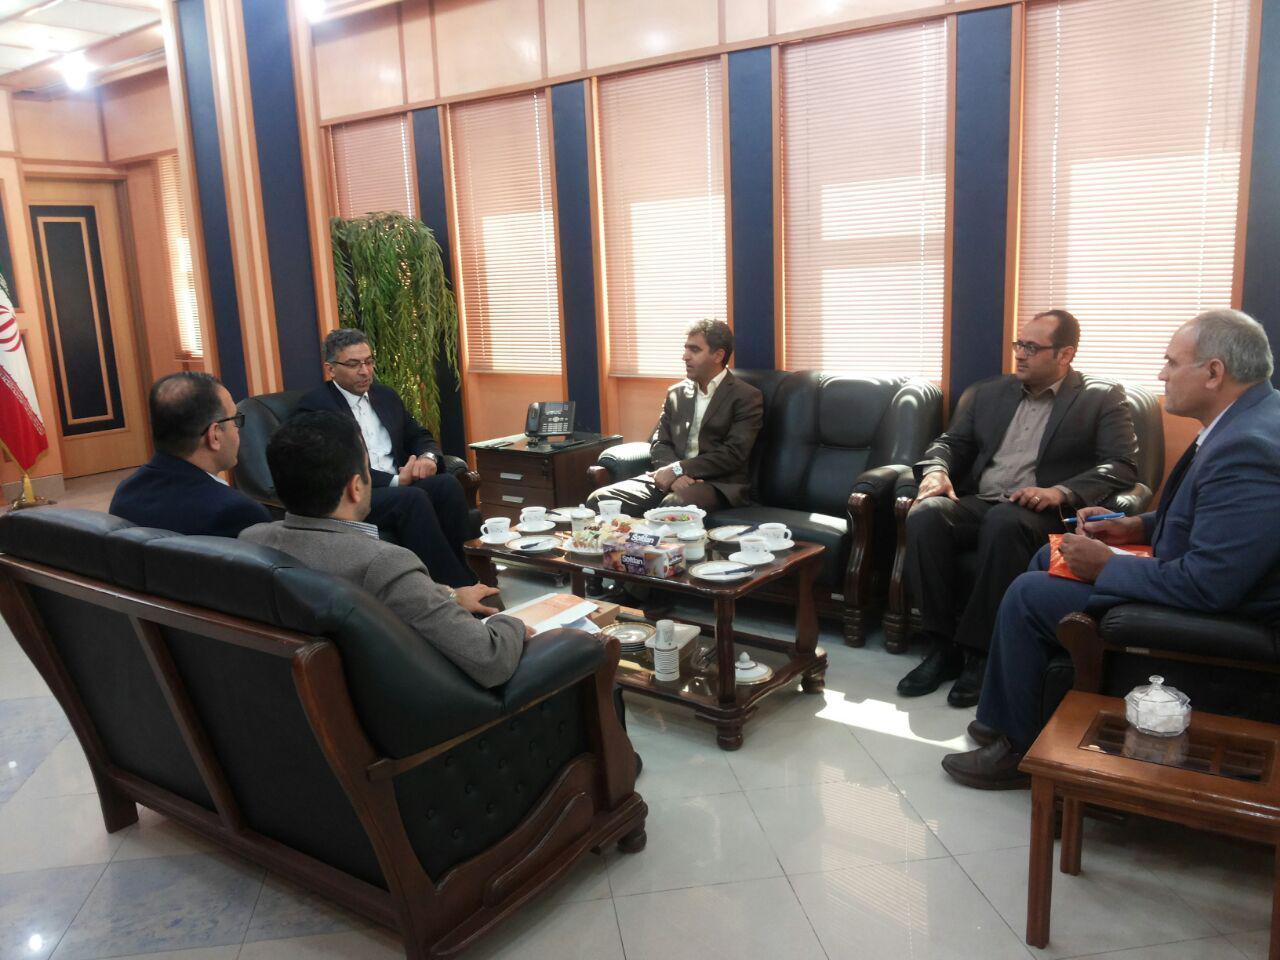 اخبار ساوه |بازدیدمدیر کل راهداری استان مرکزی از ساوه